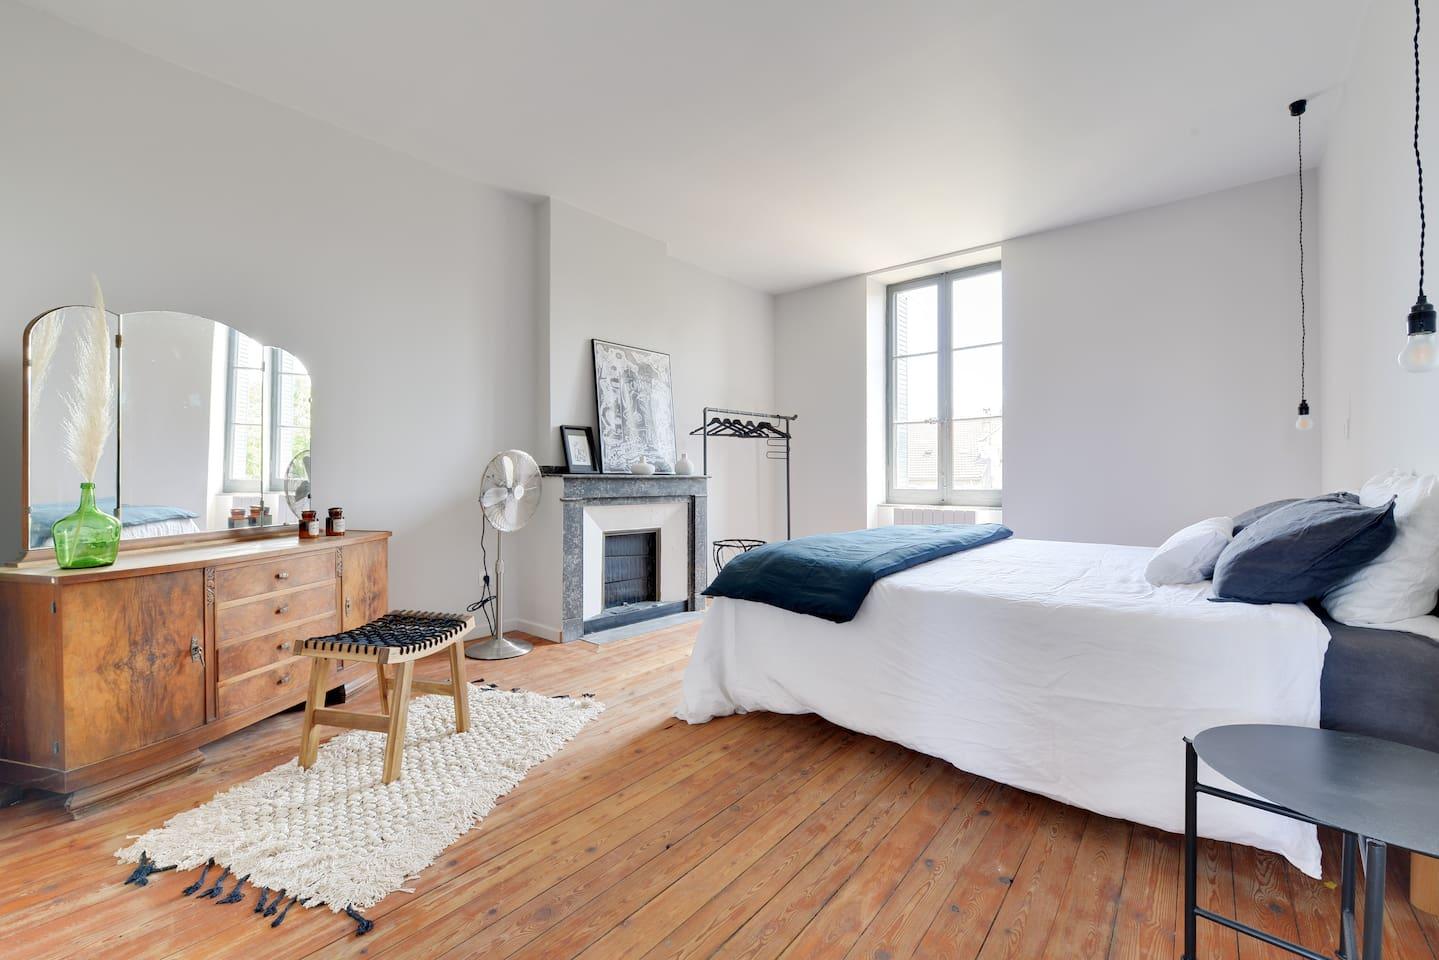 Chambre 1 coté jardin au calme: parquet, literie hôtel 180 et draps en lin